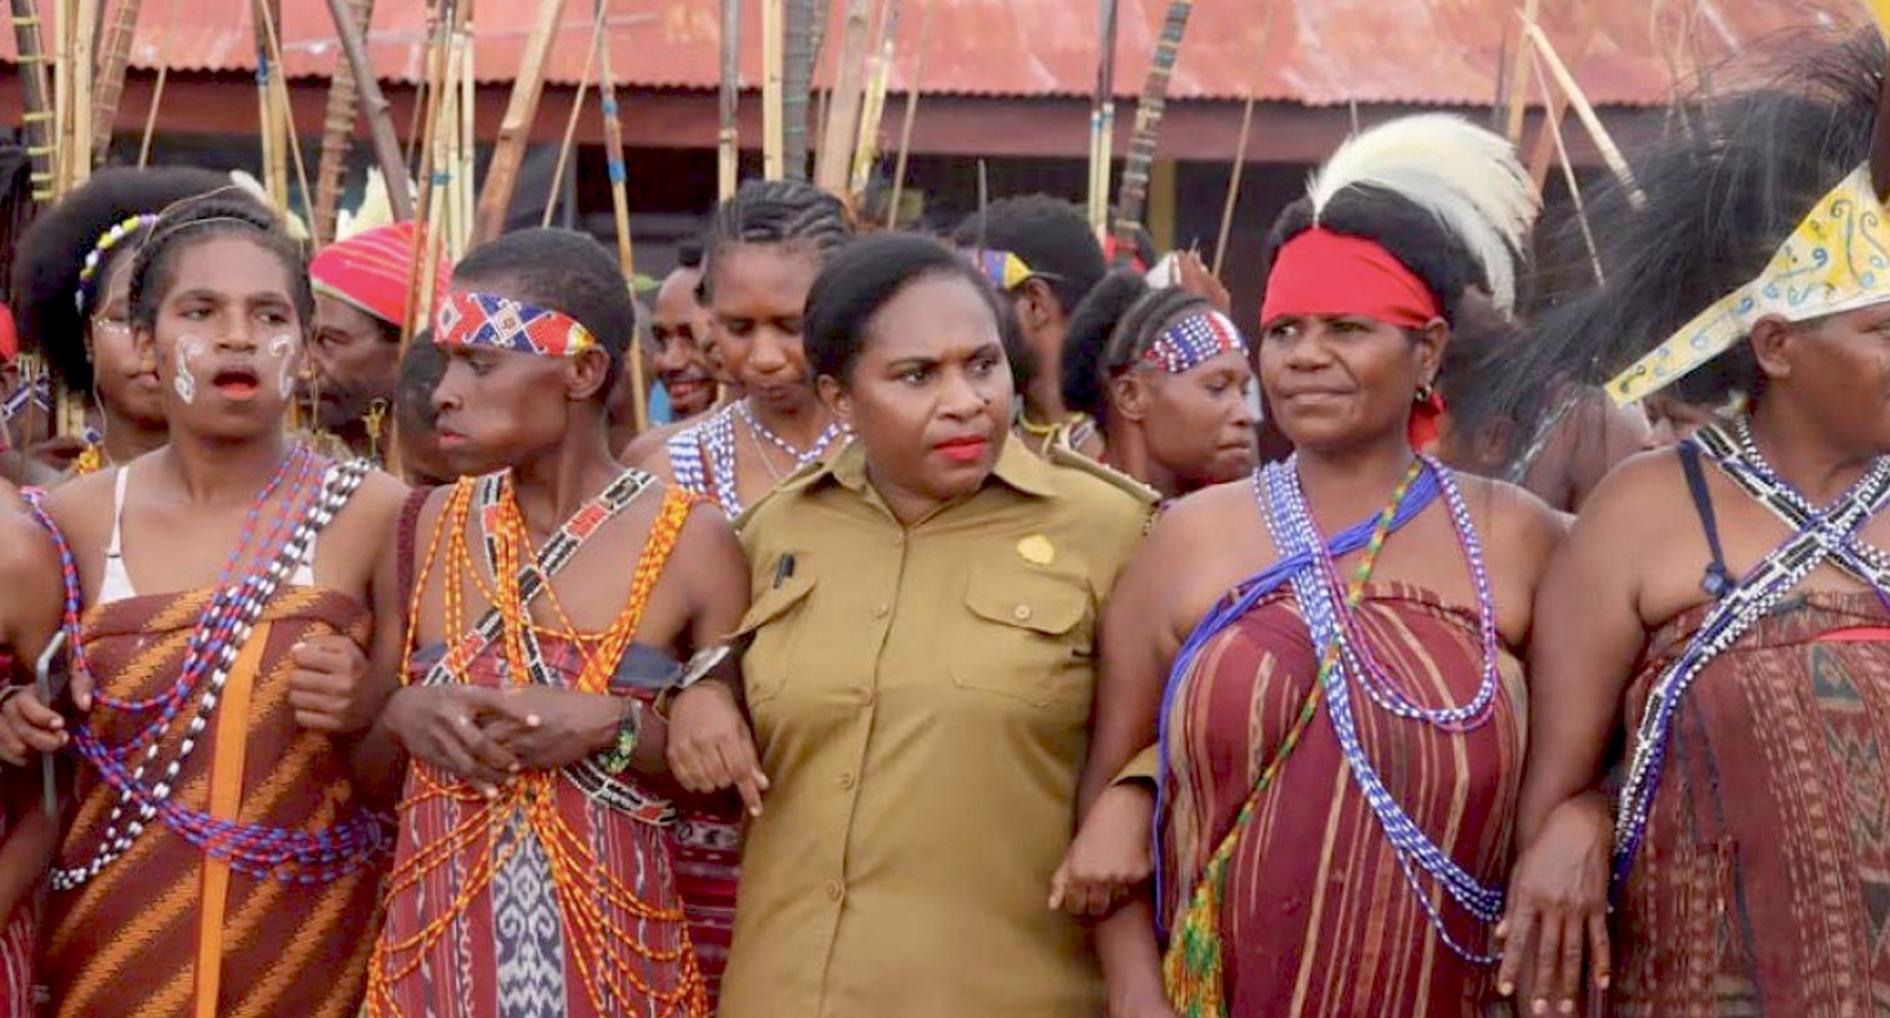 Gambar dari judul : Upaya Perempuan Adat Papua Jaga Hak Wilayah Mereka